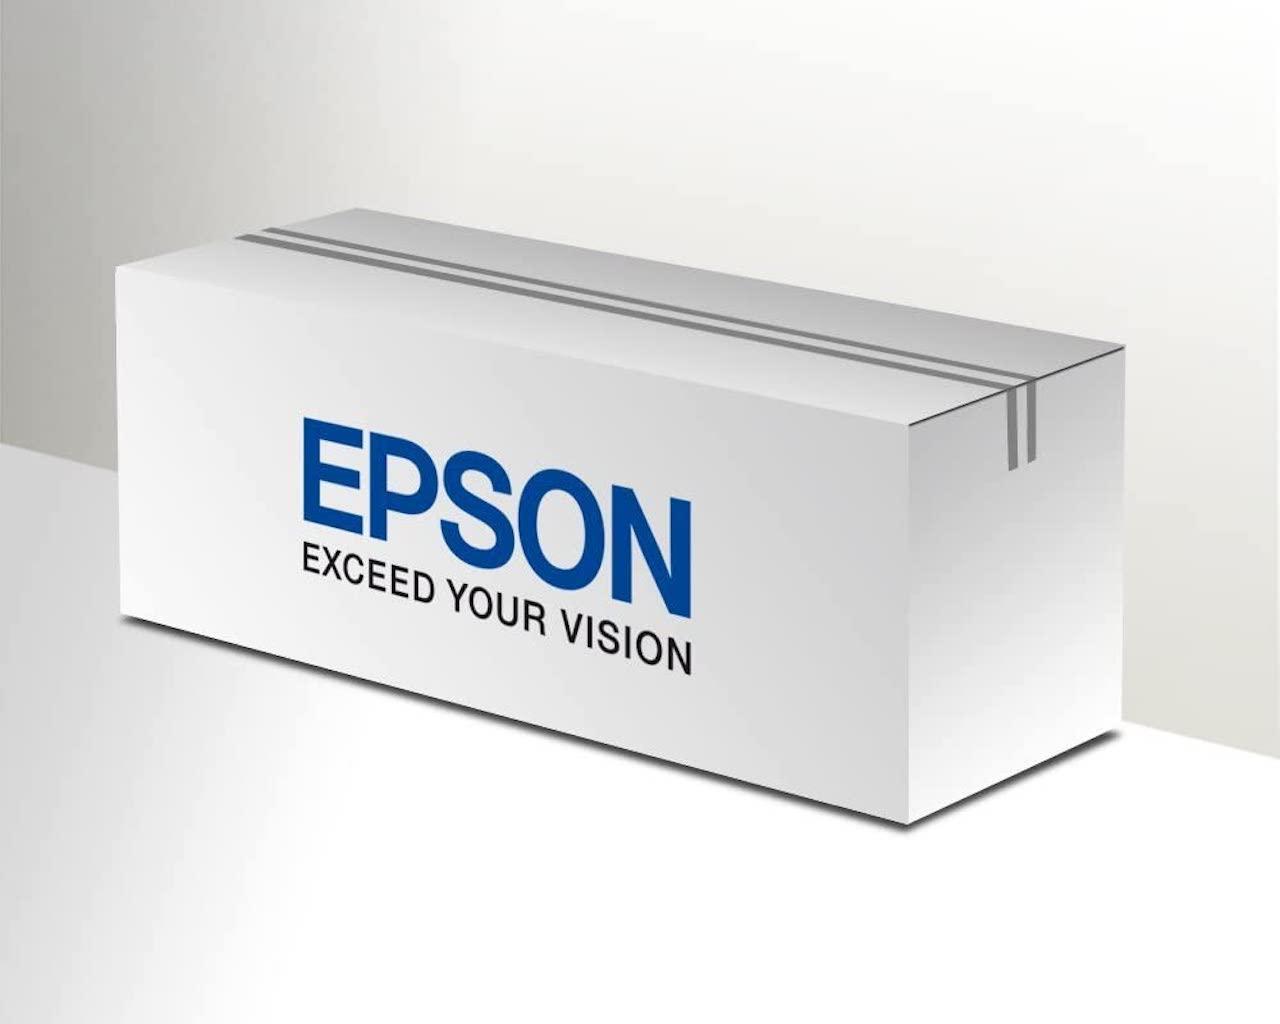 Il ritiro di HP dal mercato inkjet per l'ufficio un'opportunità per la crescita di Epson